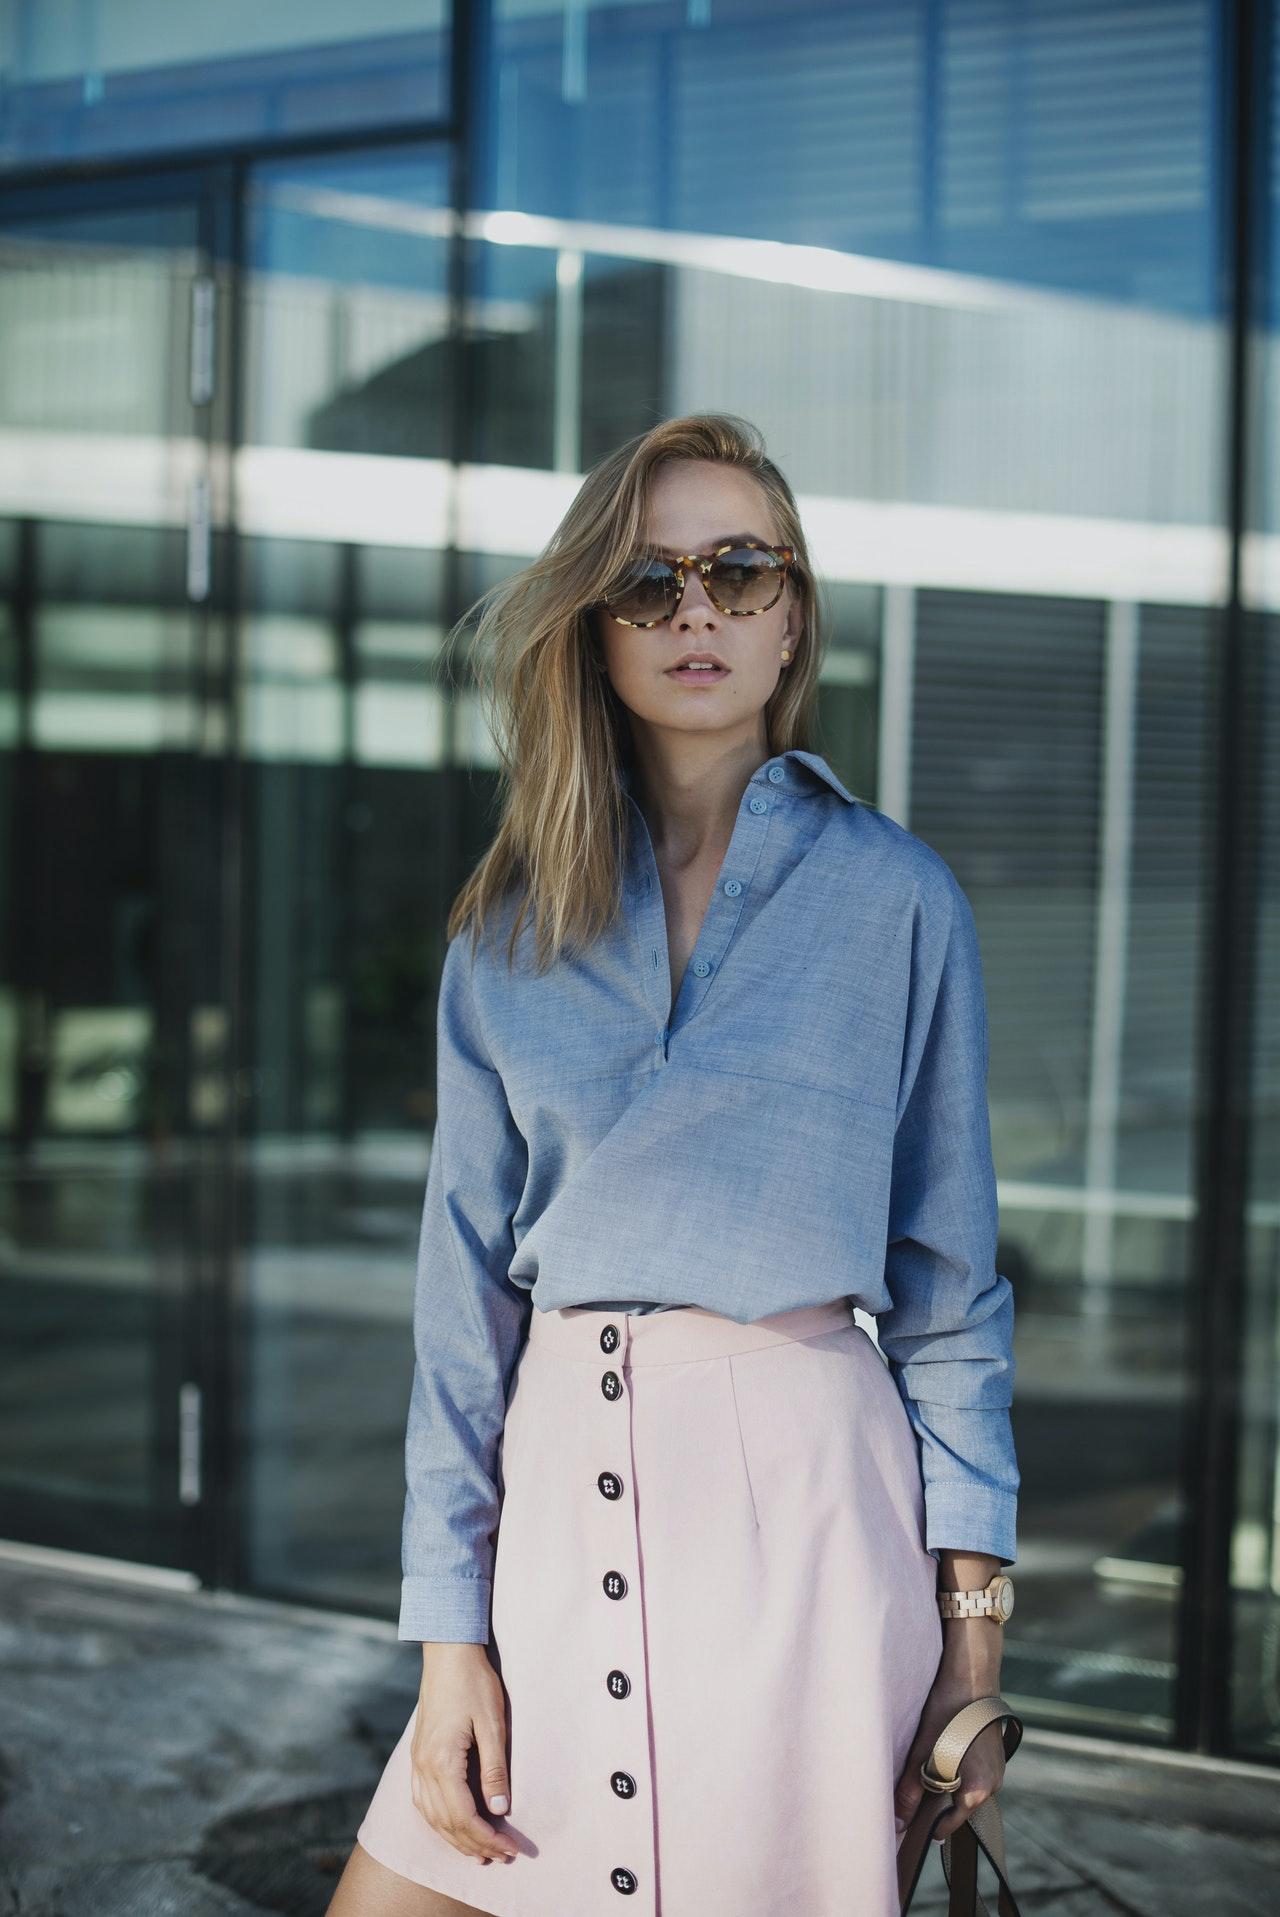 woman in sunglasses in business casual attire.